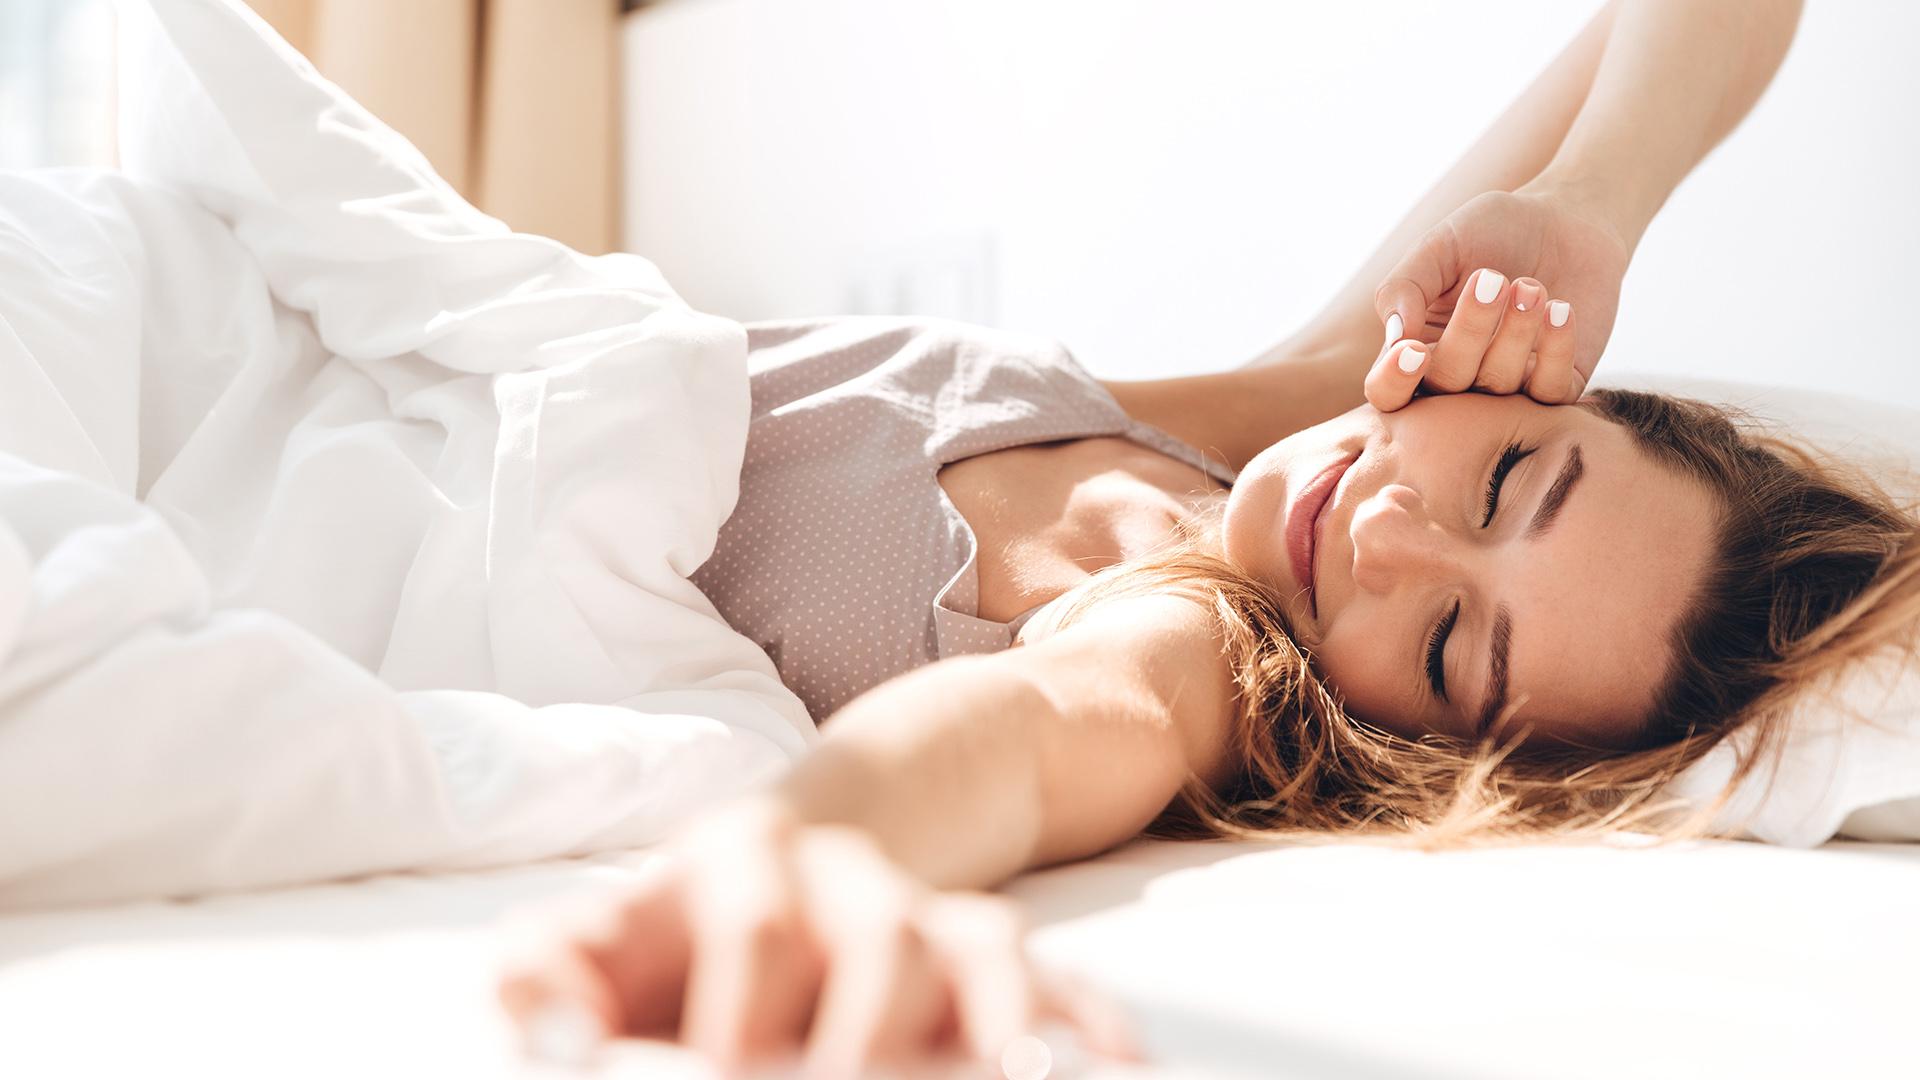 álmok b. molnár márk dr hevesi krisztina emlékfoszlány impulzus régi szerelem szexfantáziák szexi álmok szexuális élet szexuális töltetű álmok szexuálpszichológus